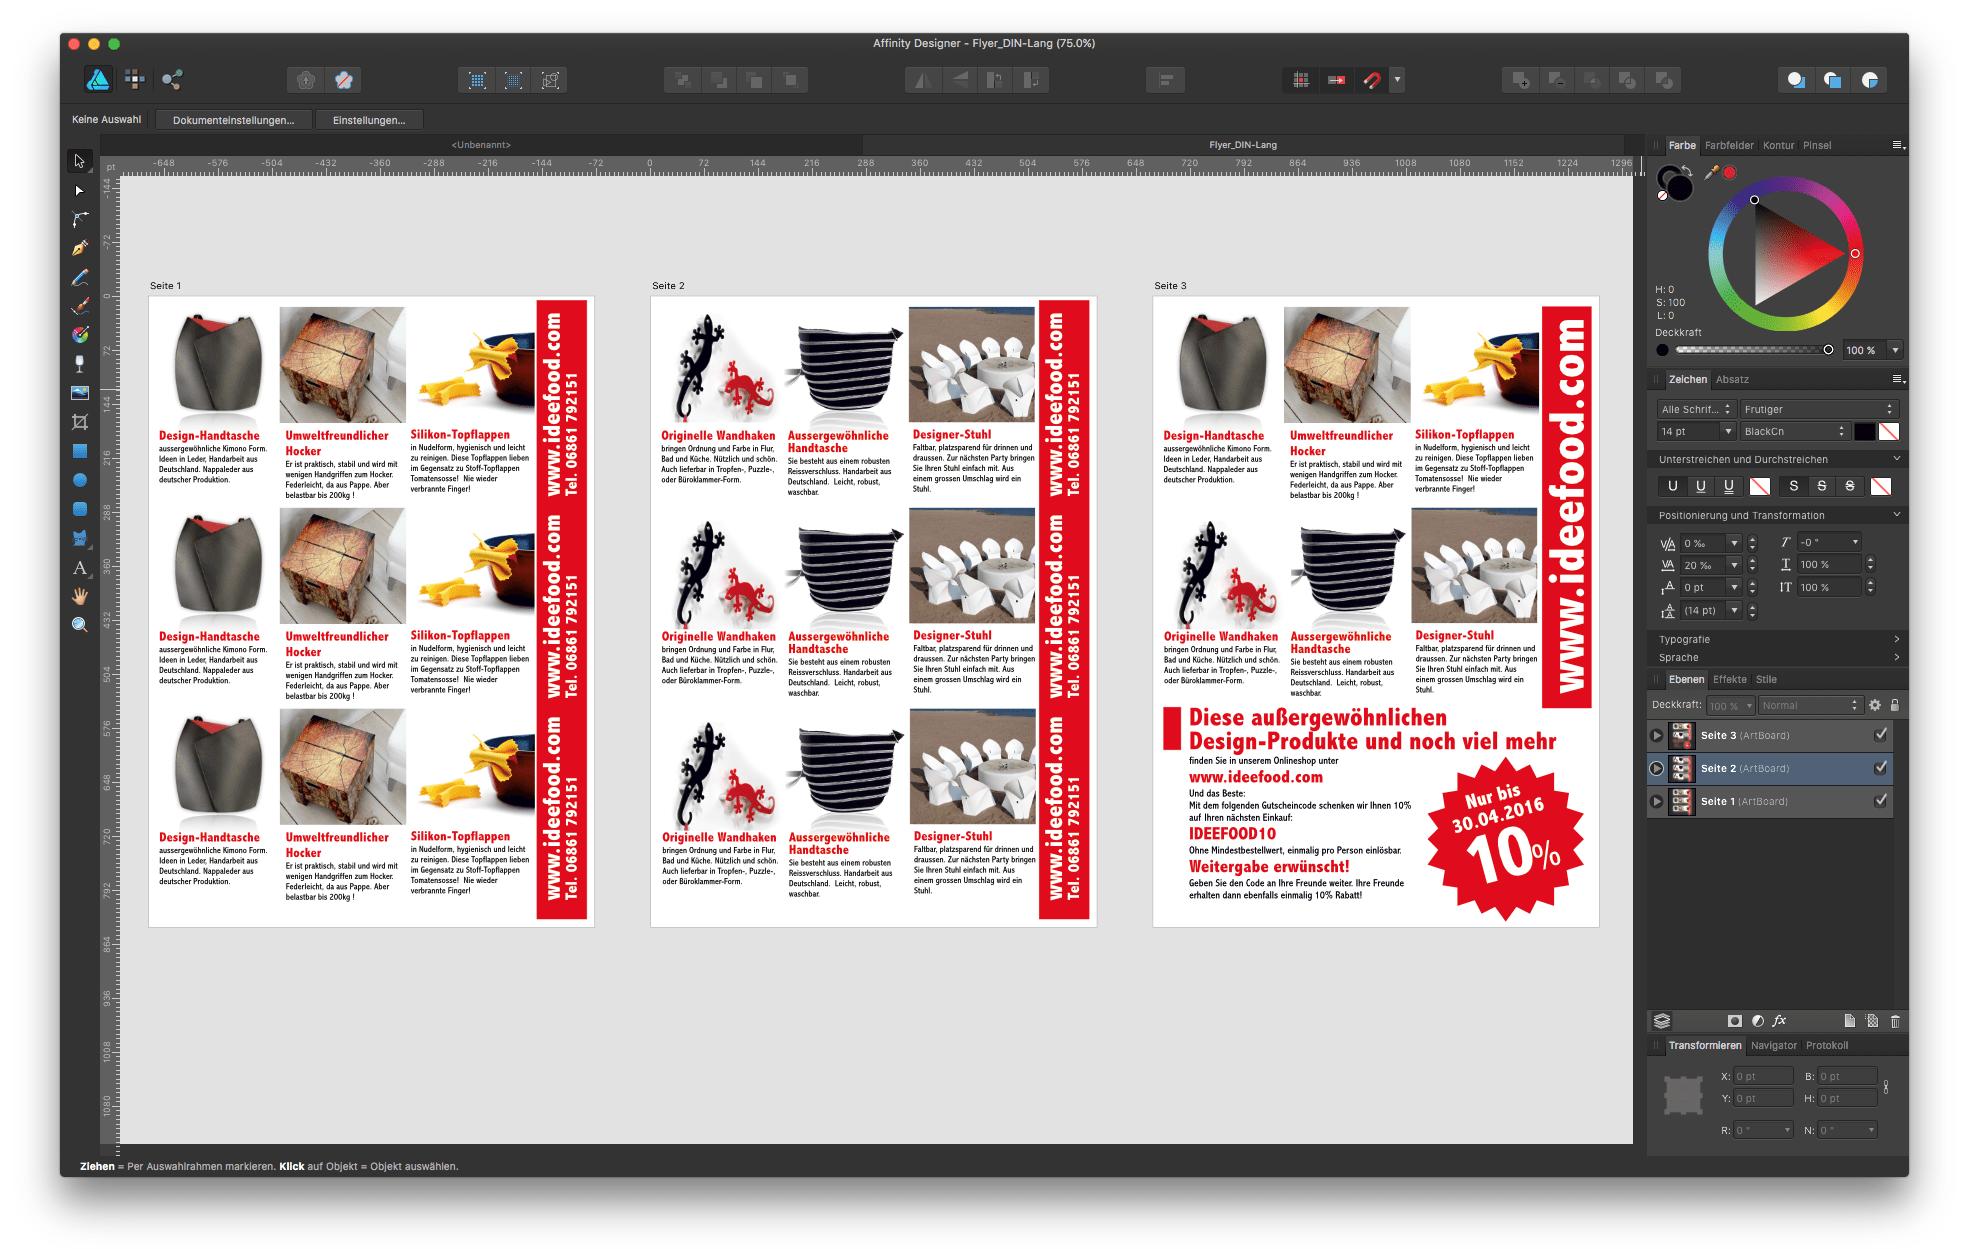 coreldraw-nach-affinitydesigner-importieren